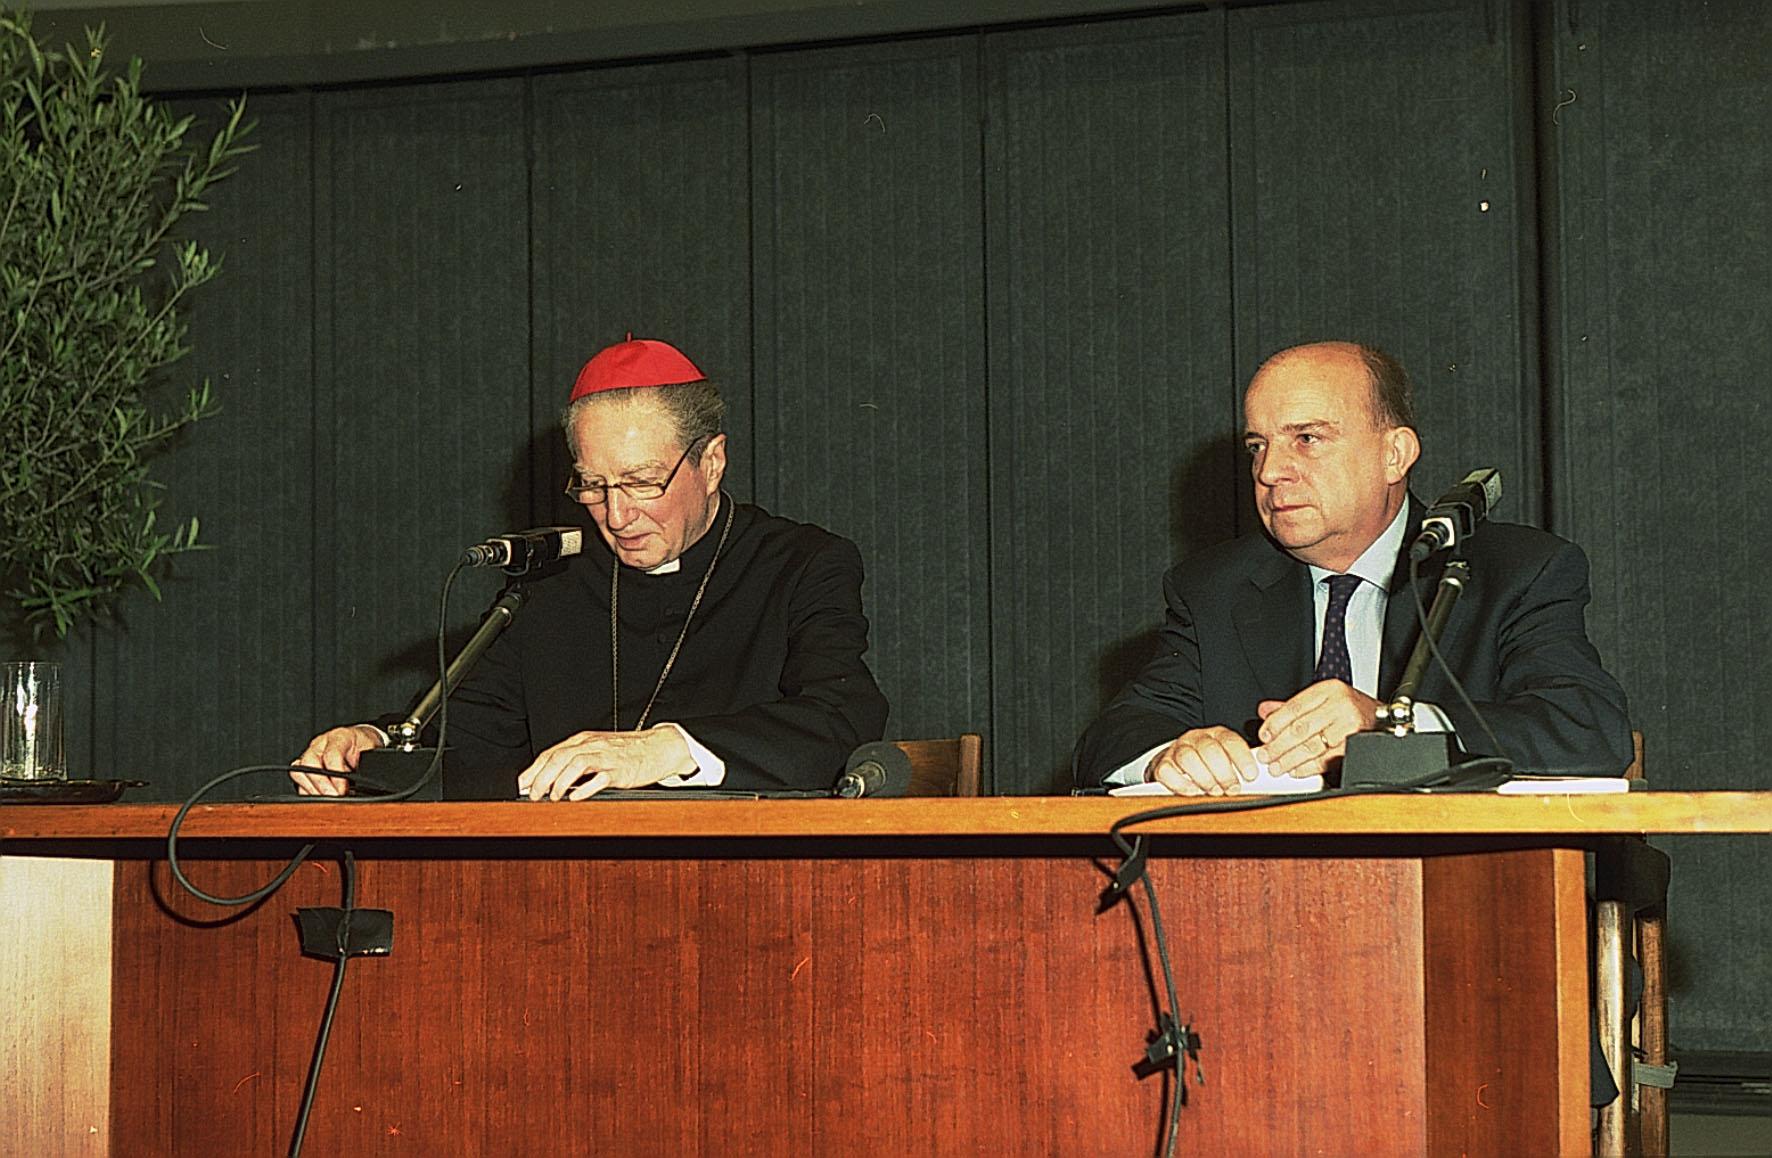 2002, XII edizione: Gustavo Zagrebelsky con il Cardinale nell'ultima edizione delle Cattedre